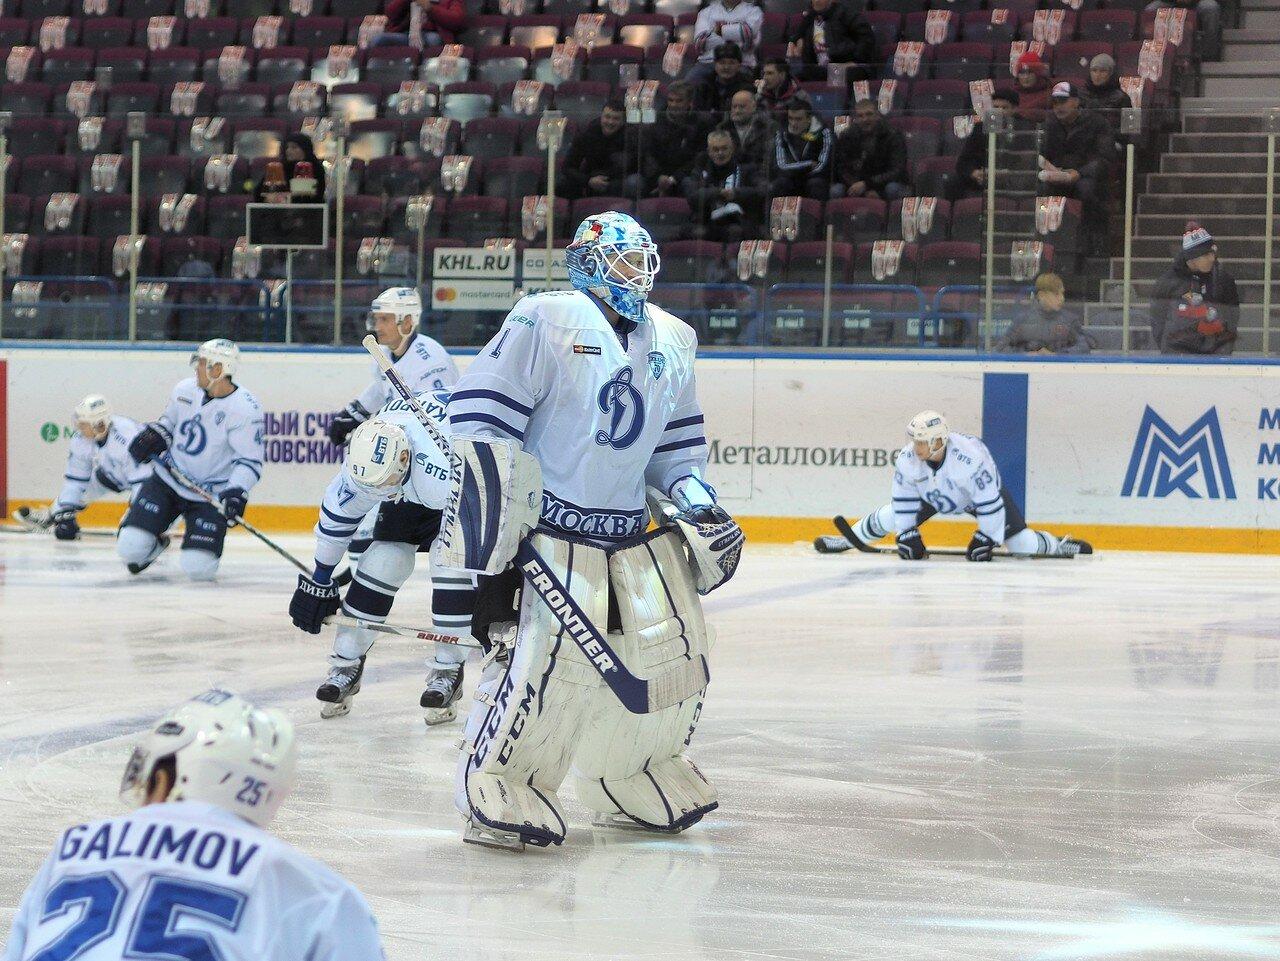 14Металлург - Динамо Москва 21.11.2016